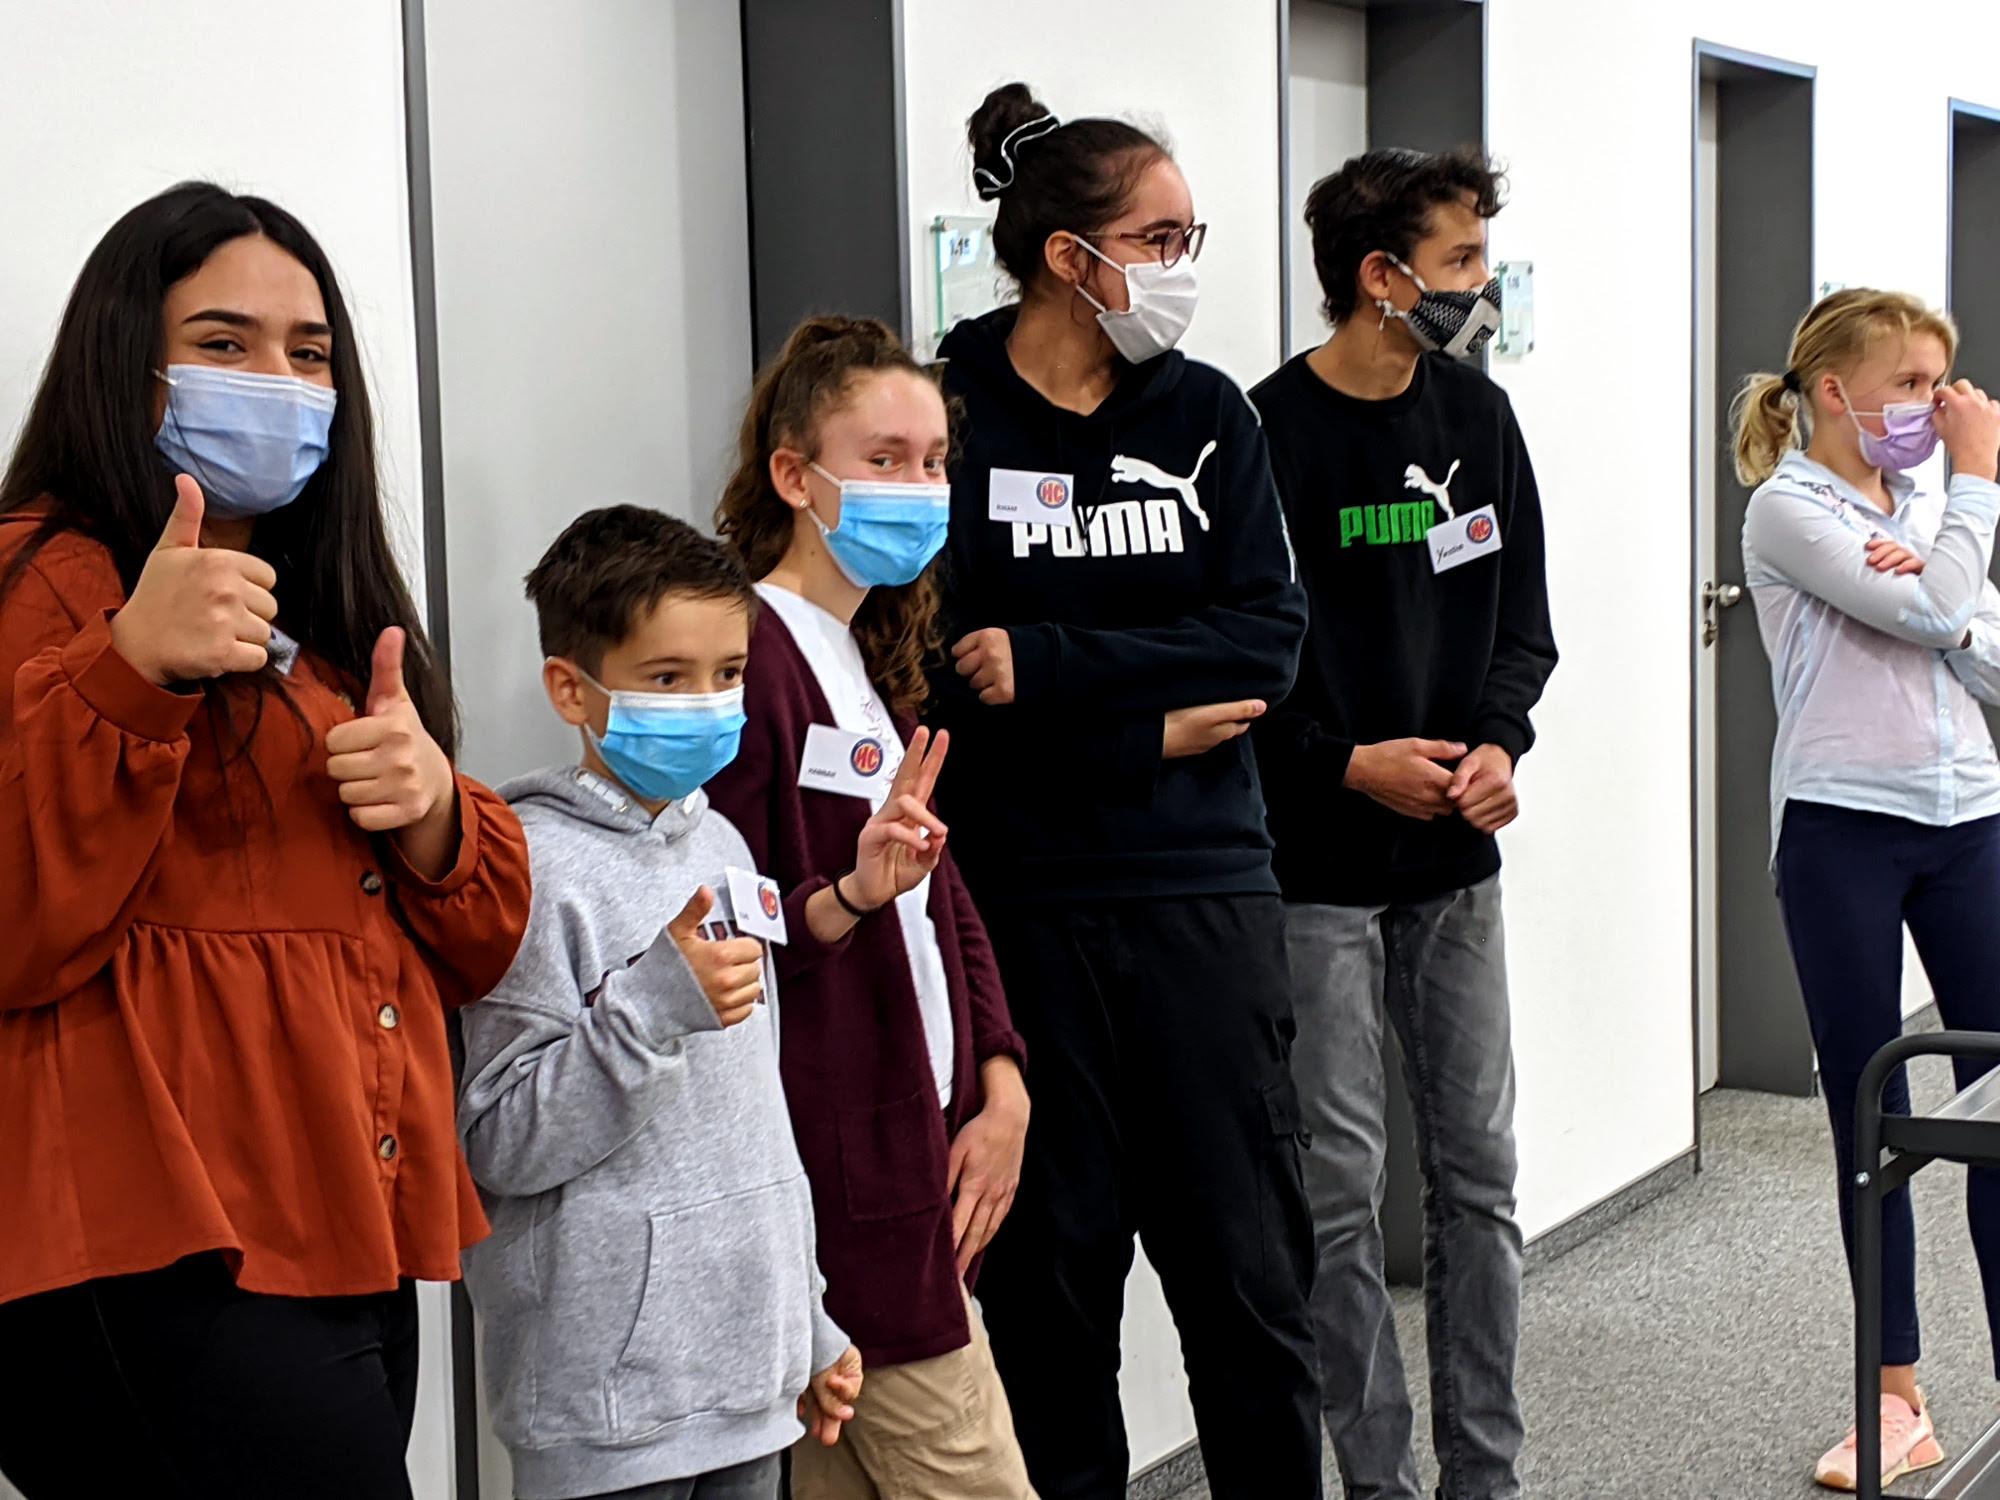 Die Heldicaps warten freudig auf den Beginn der Veranstaltung. Sie tragen Gesichtsmasken.